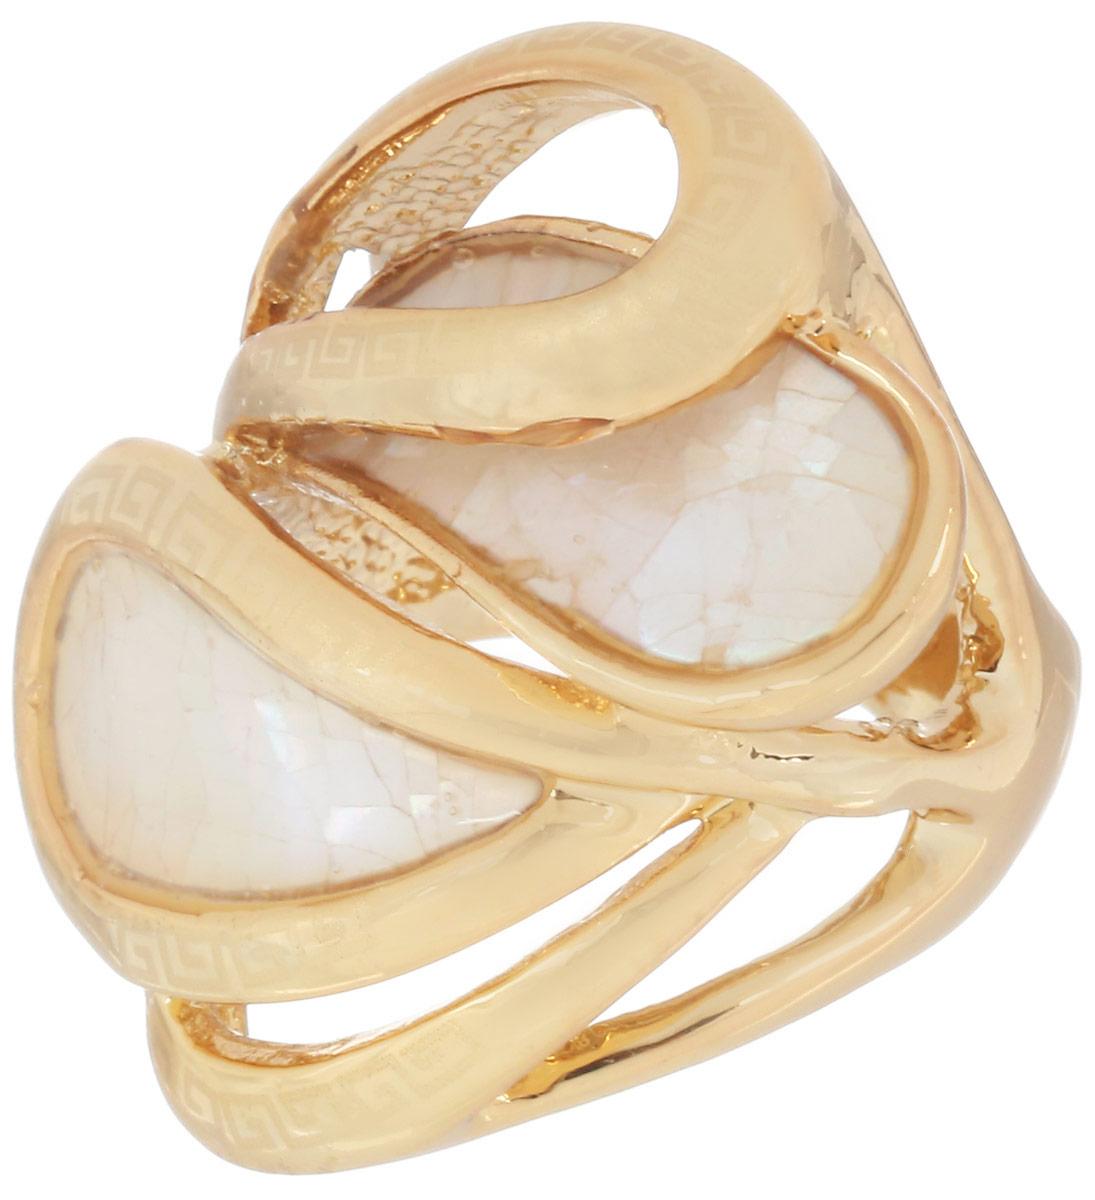 Кольцо Art-Silver, цвет: золотистый. 014638-300. Размер 16014638-300Стильное кольцо Art-Silver изготовлено из бижутерного сплава с золотистым покрытием. Изделие оформлено оригинальным орнаментом и дополнено вставками из перламутра. Стильное кольцо придаст вашему образу изюминку и подчеркнет индивидуальность.